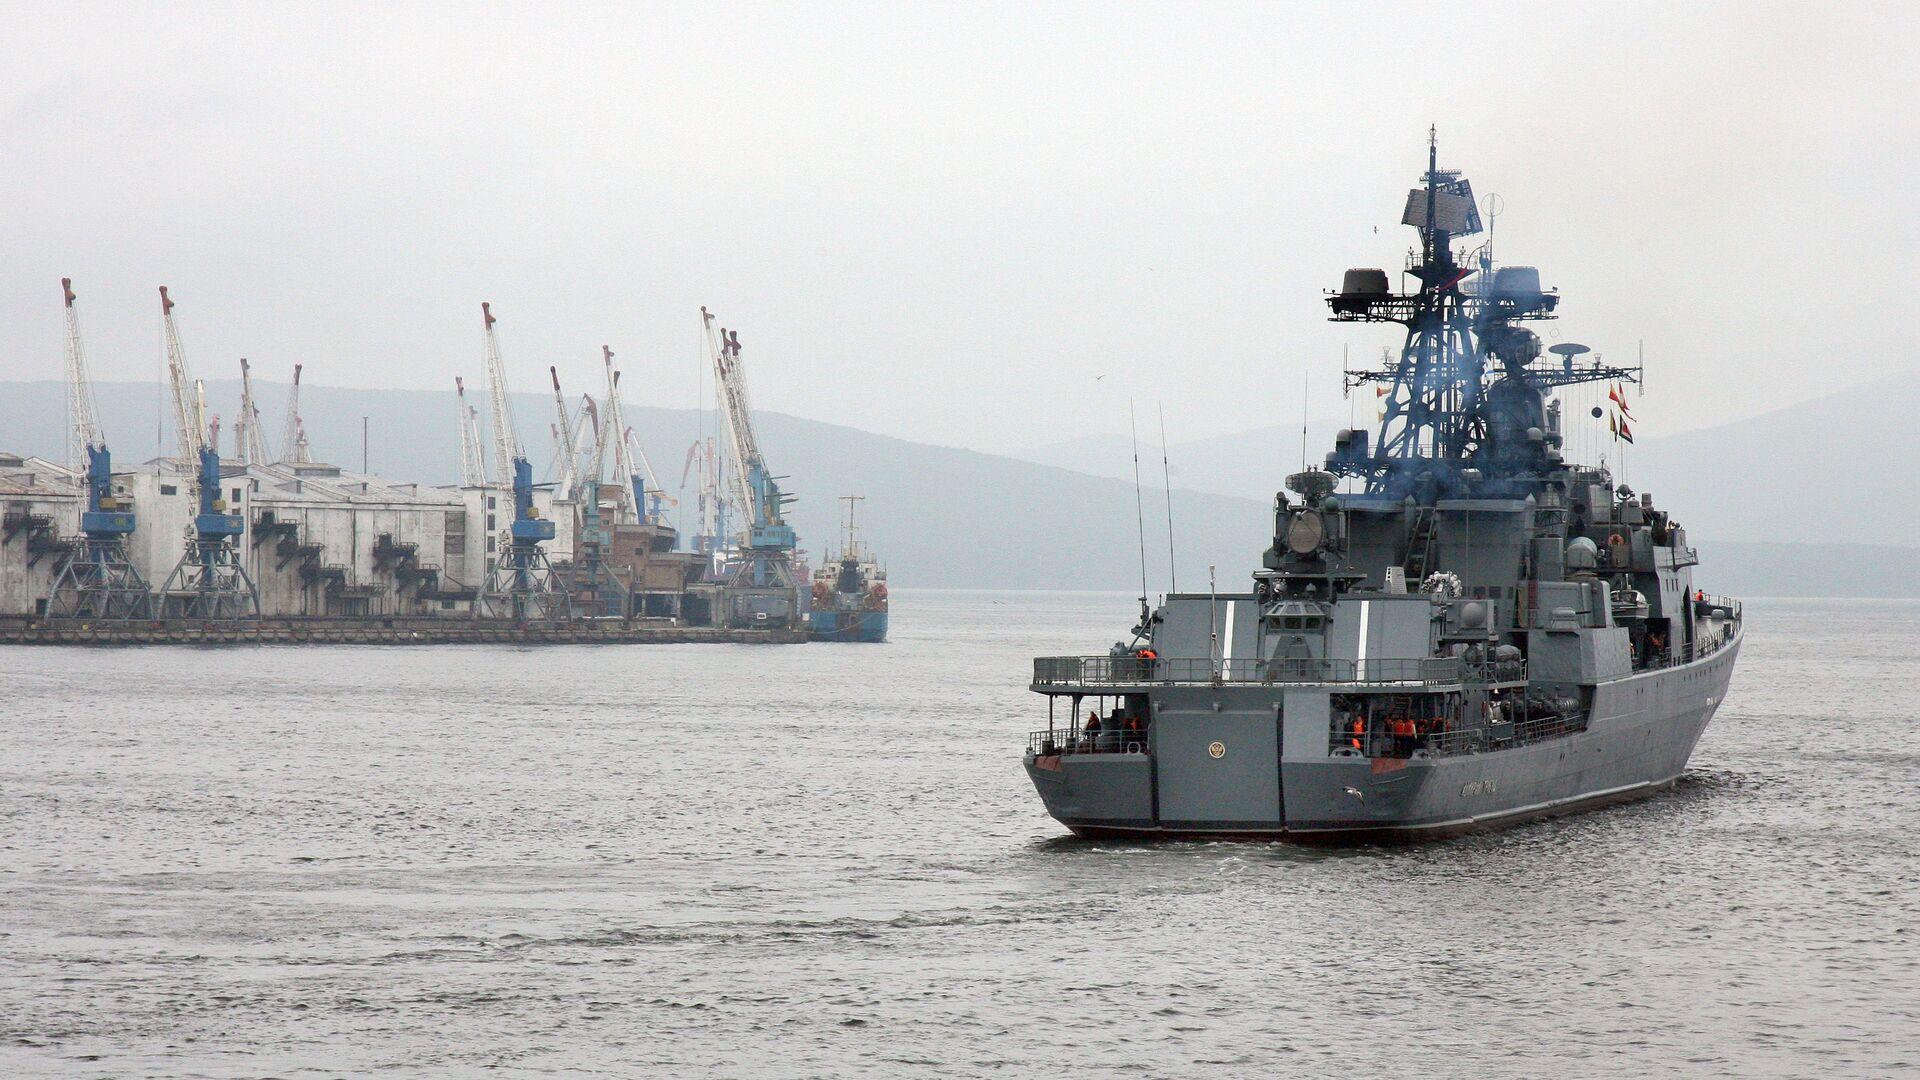 Во Владивостоке прошли проводы отряда кораблей Тихоокеанского флота РФ в Аденский залив - РИА Новости, 1920, 14.05.2021